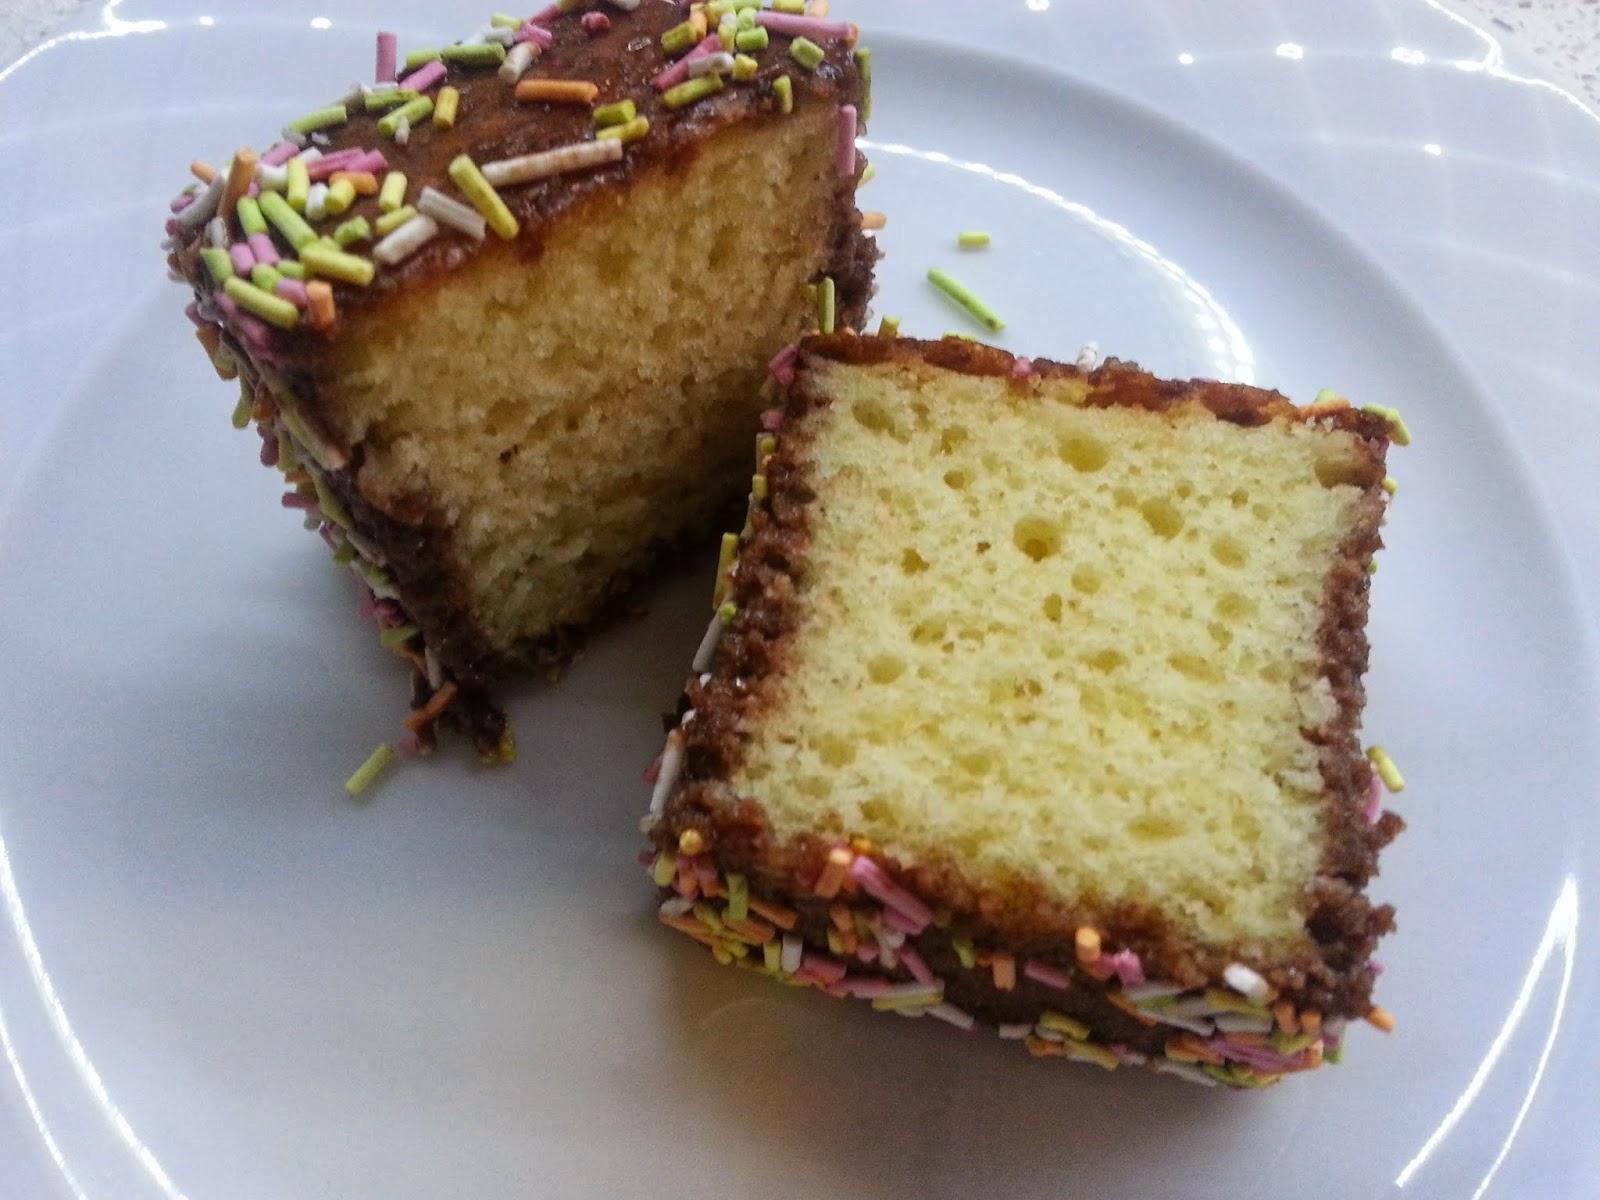 sürpriz kek, süpriz kek, kek, tatlı, ikram, misafir için, 5 çayı, çay yanına, tatlı,  ne pişirsem, bugün ne yapsam, sos, çikolata